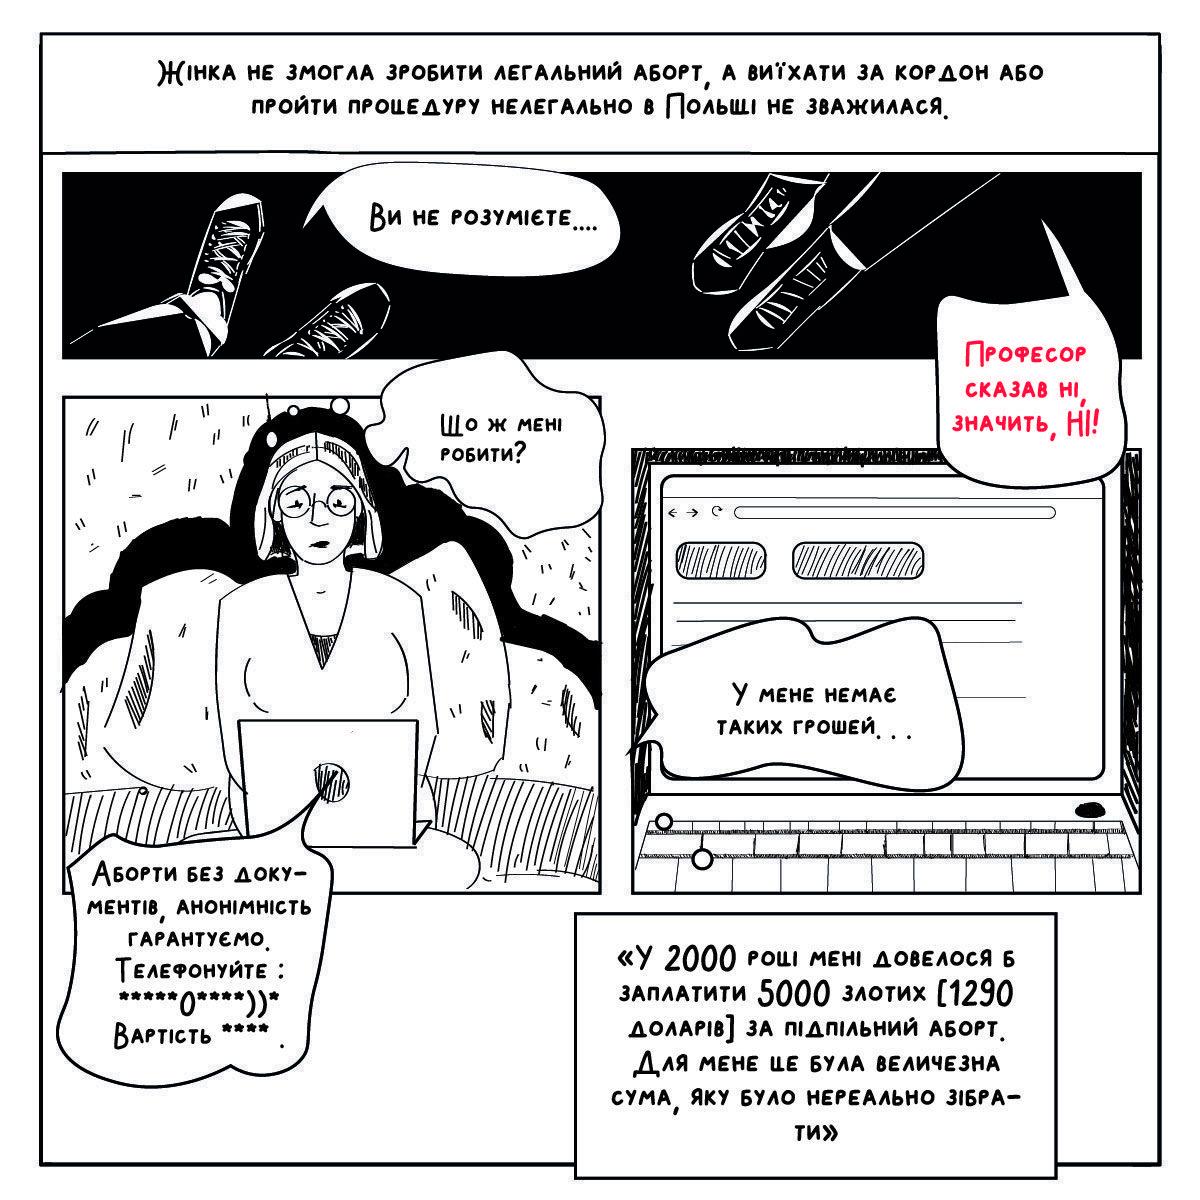 abortion in poland comics ua 04 - <b>Вам заборонені аборти.</b> Комікс Насті Оприщенко про те, як в Польщі обмежують права жінок - Заборона